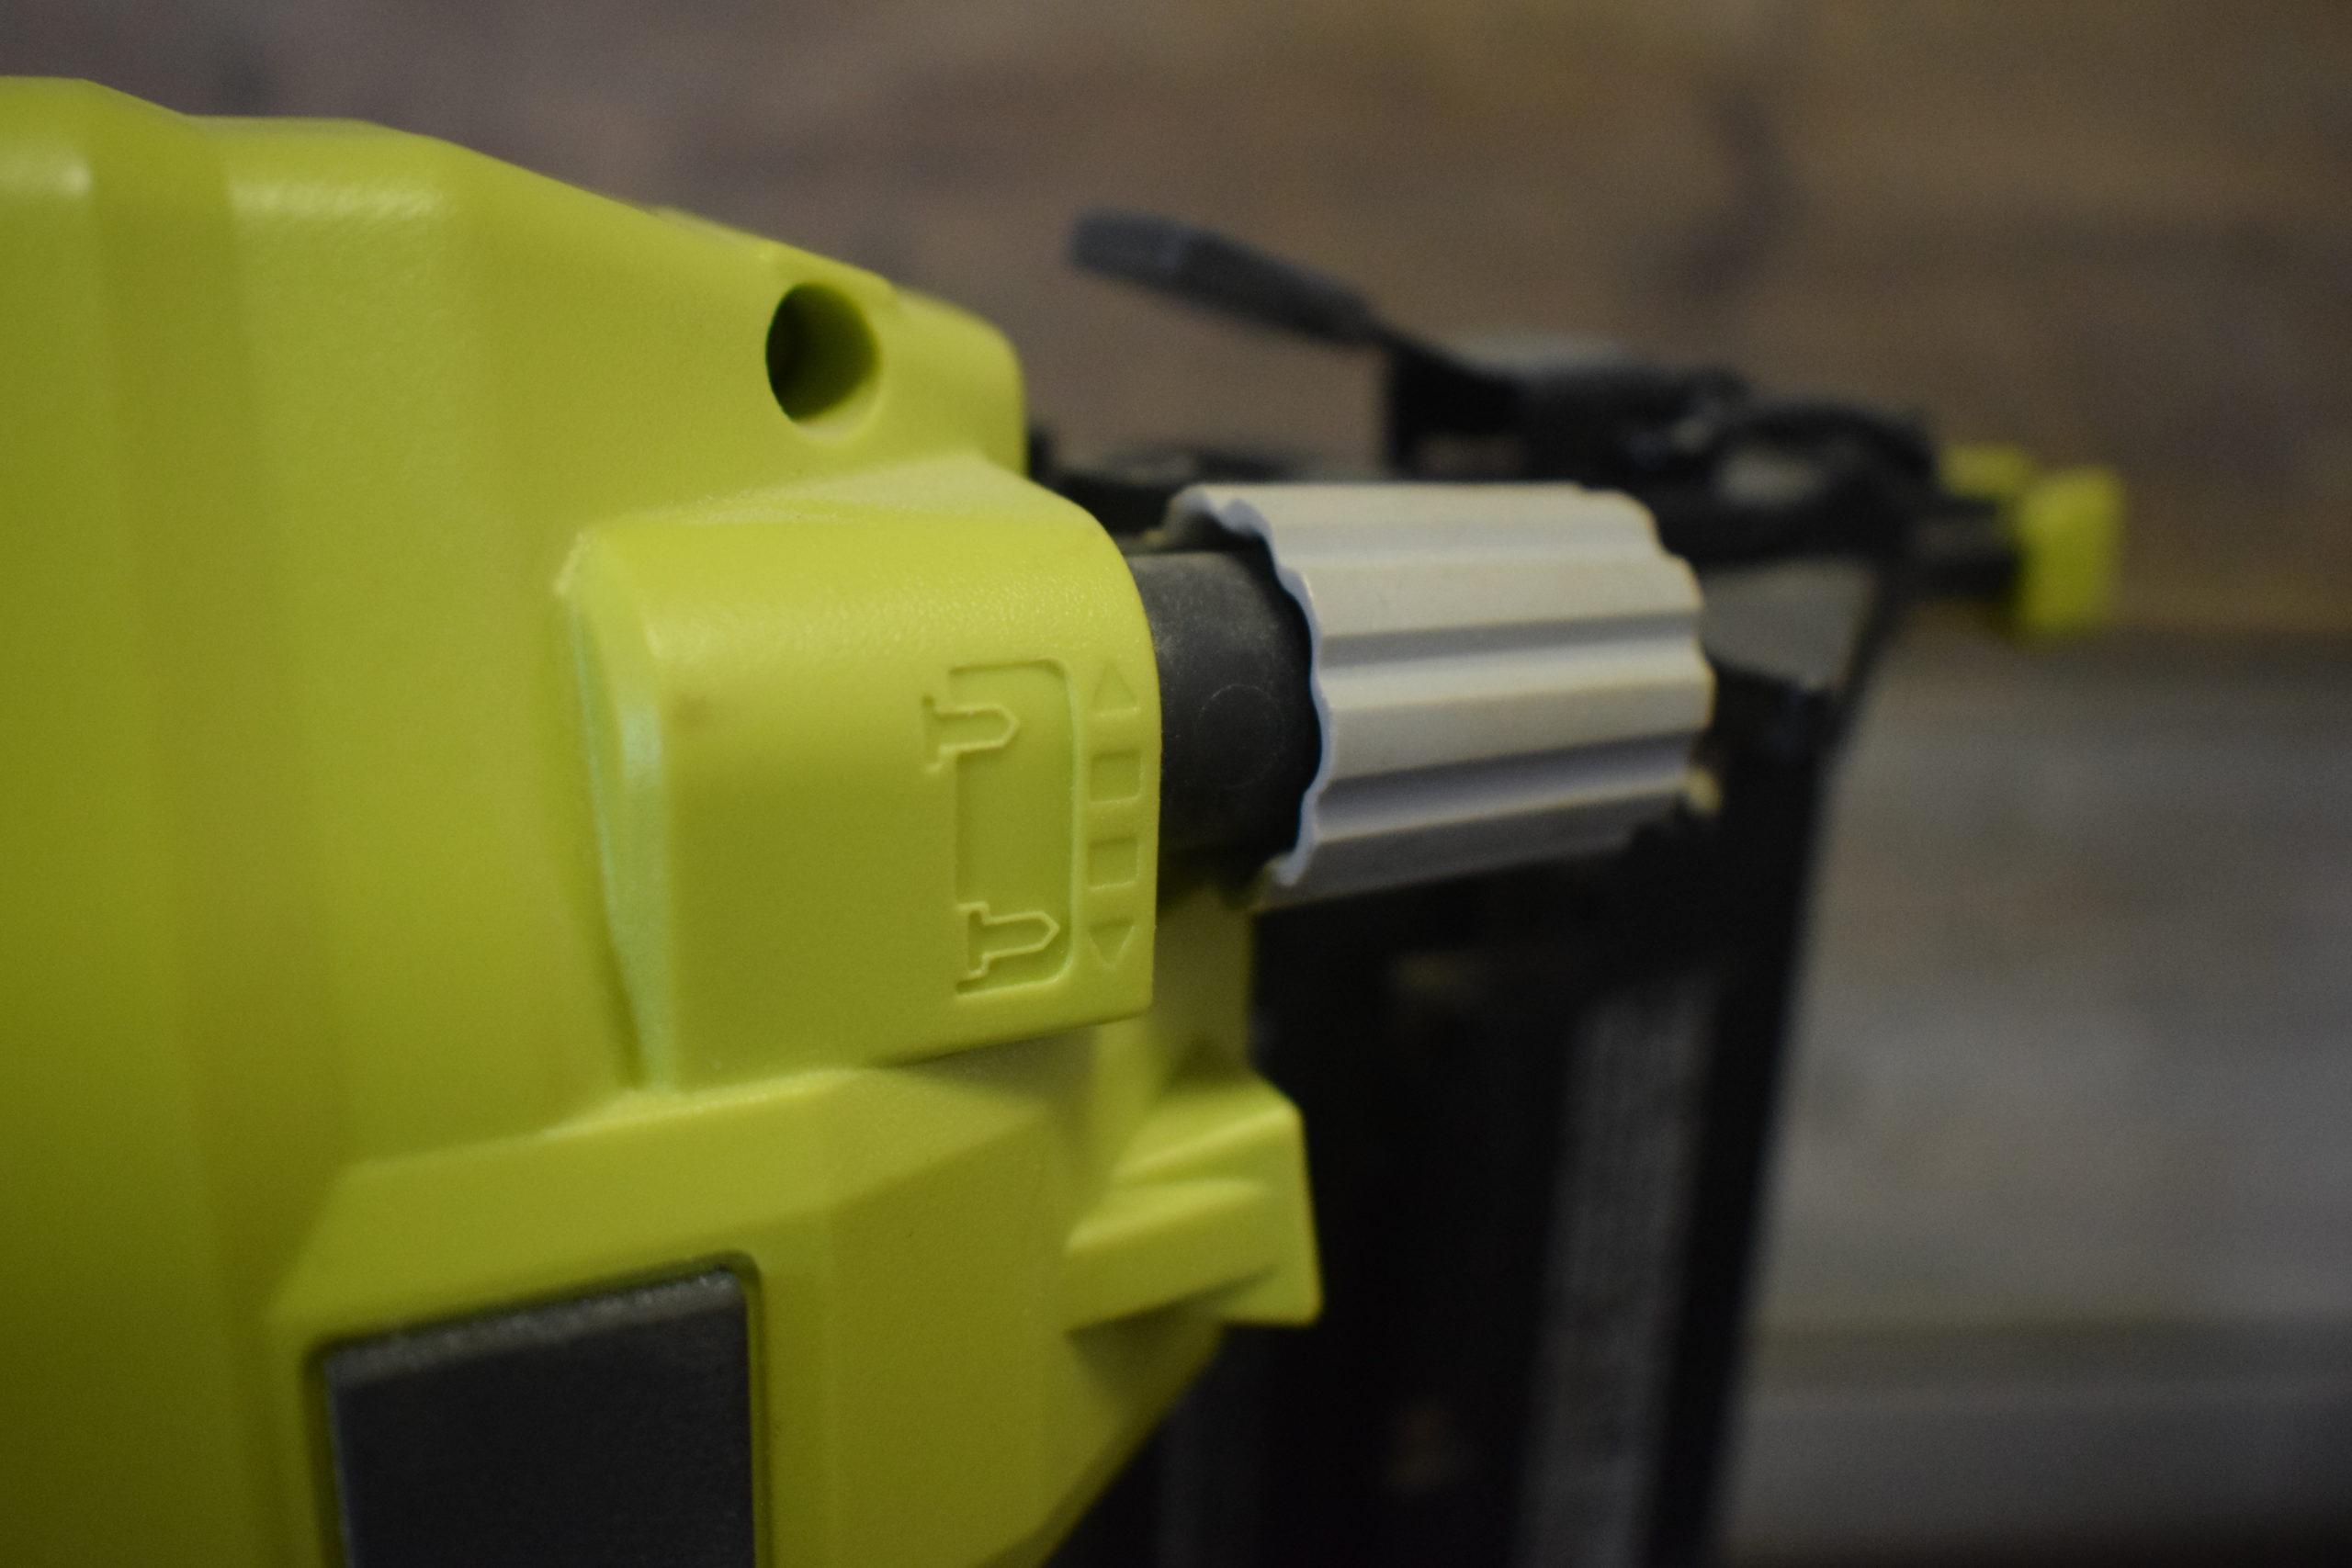 Depth adjustment setting on ryobi airstrike nail gun